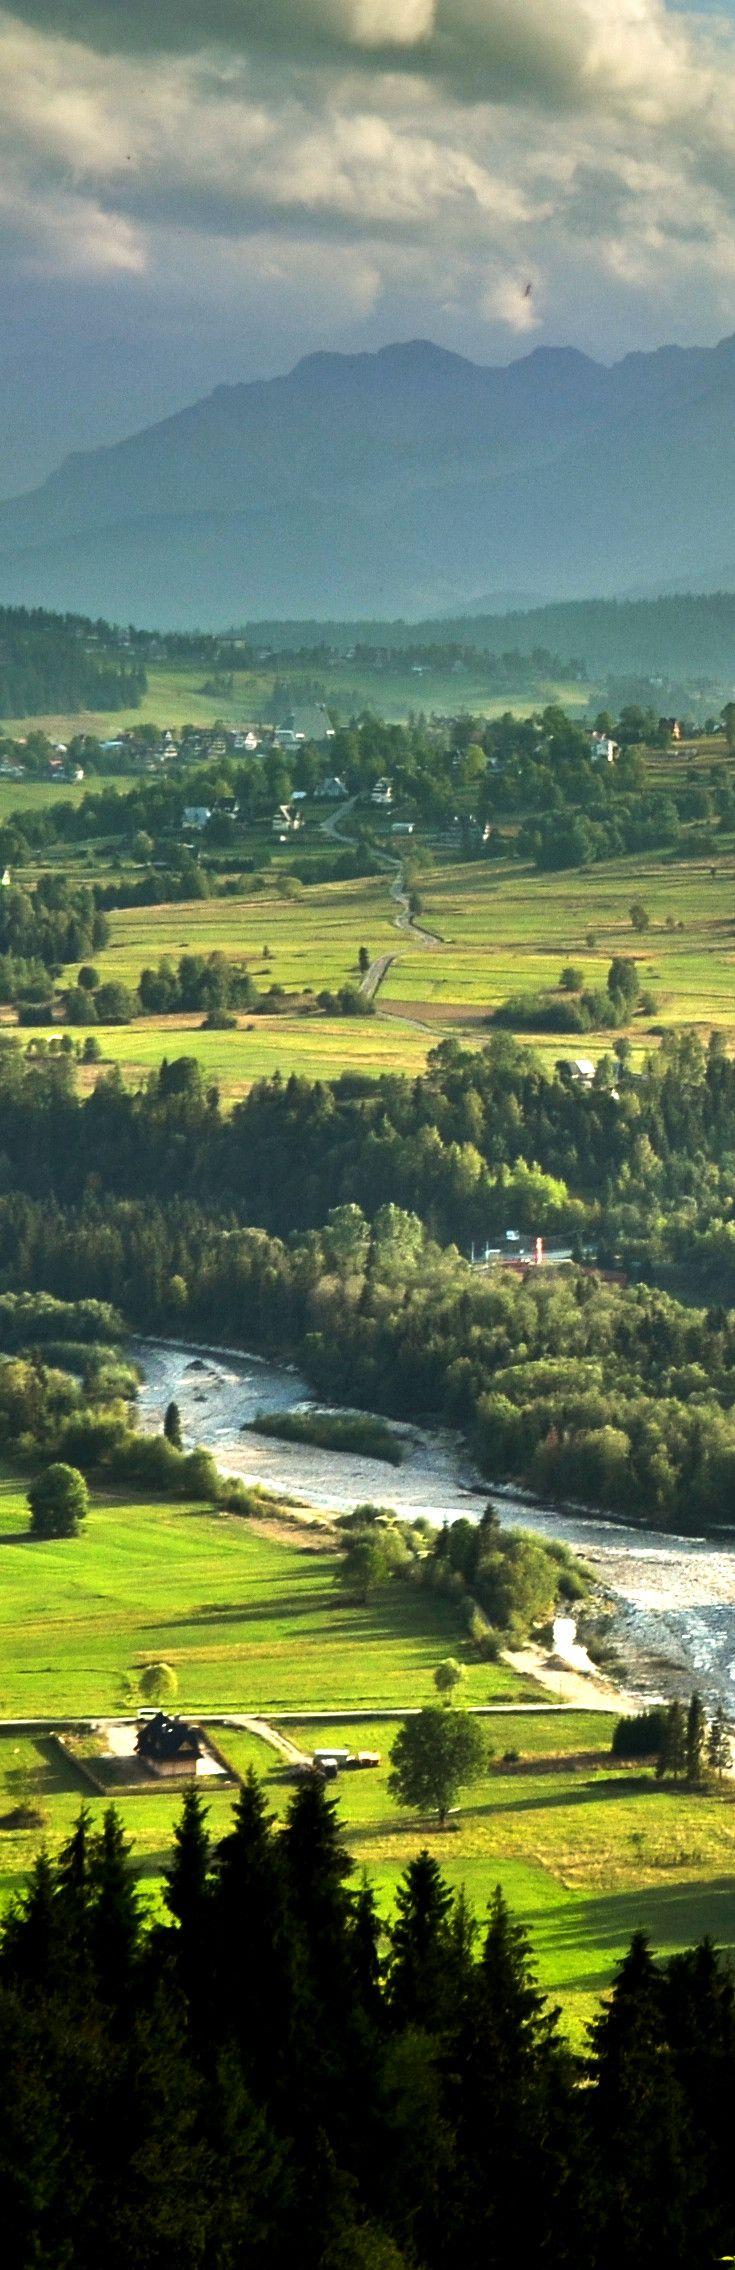 Białka Tatrzańska in Poland  More: http://www.nocowanie.pl/rezerwat_przyrody_przelom_bialki,150503.html  #mountains #landscape #travel #view #beautiful #Poland #nocowaniepl